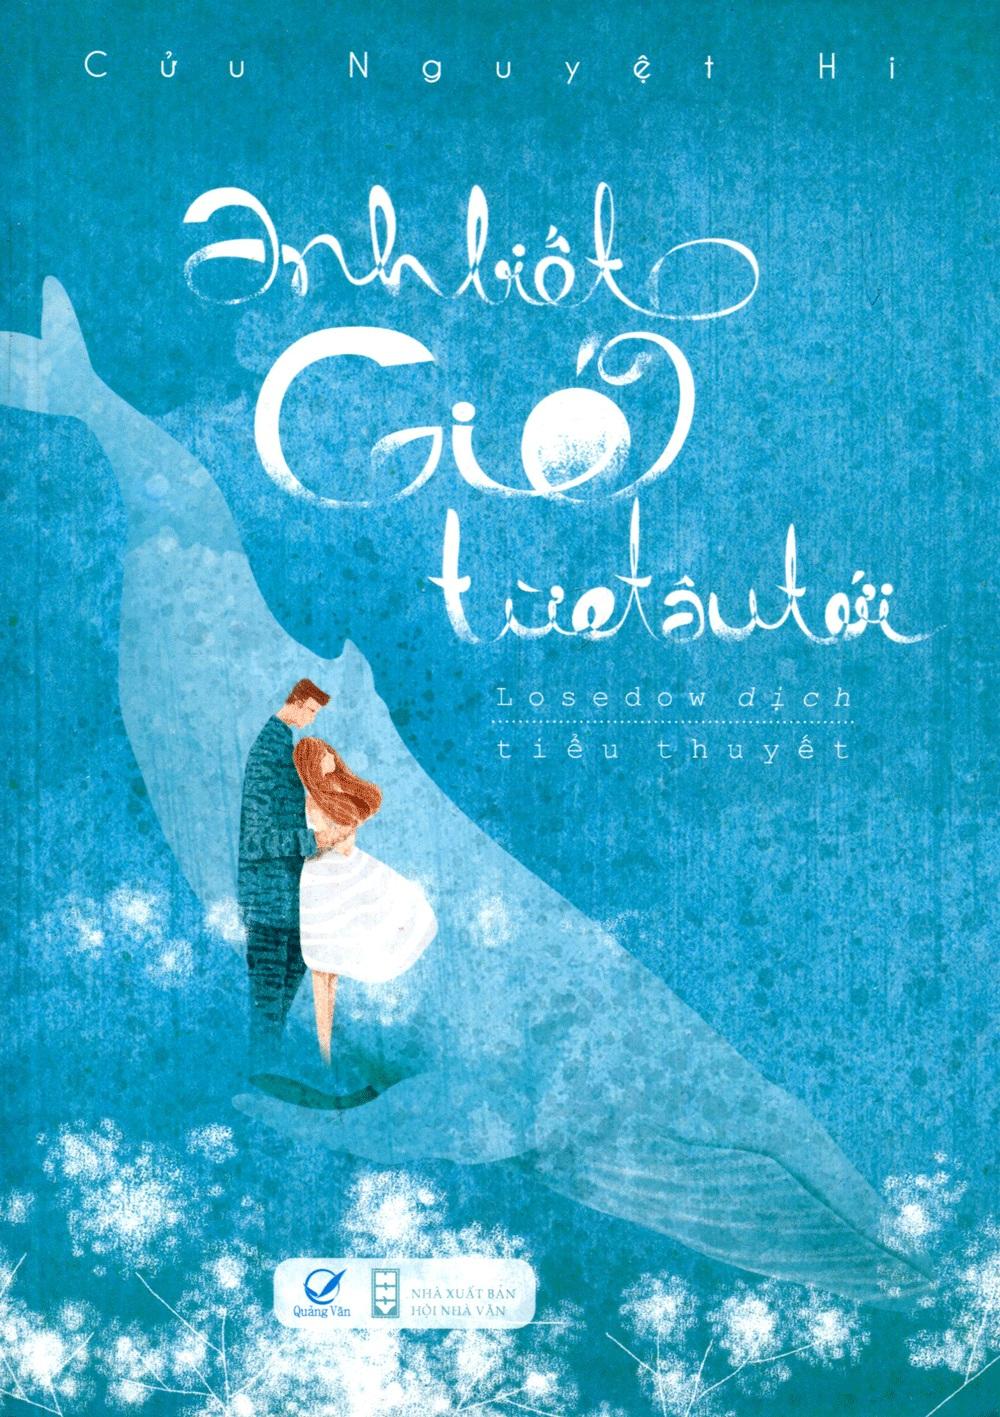 Cover.u2654.d20161123.t124645.281297